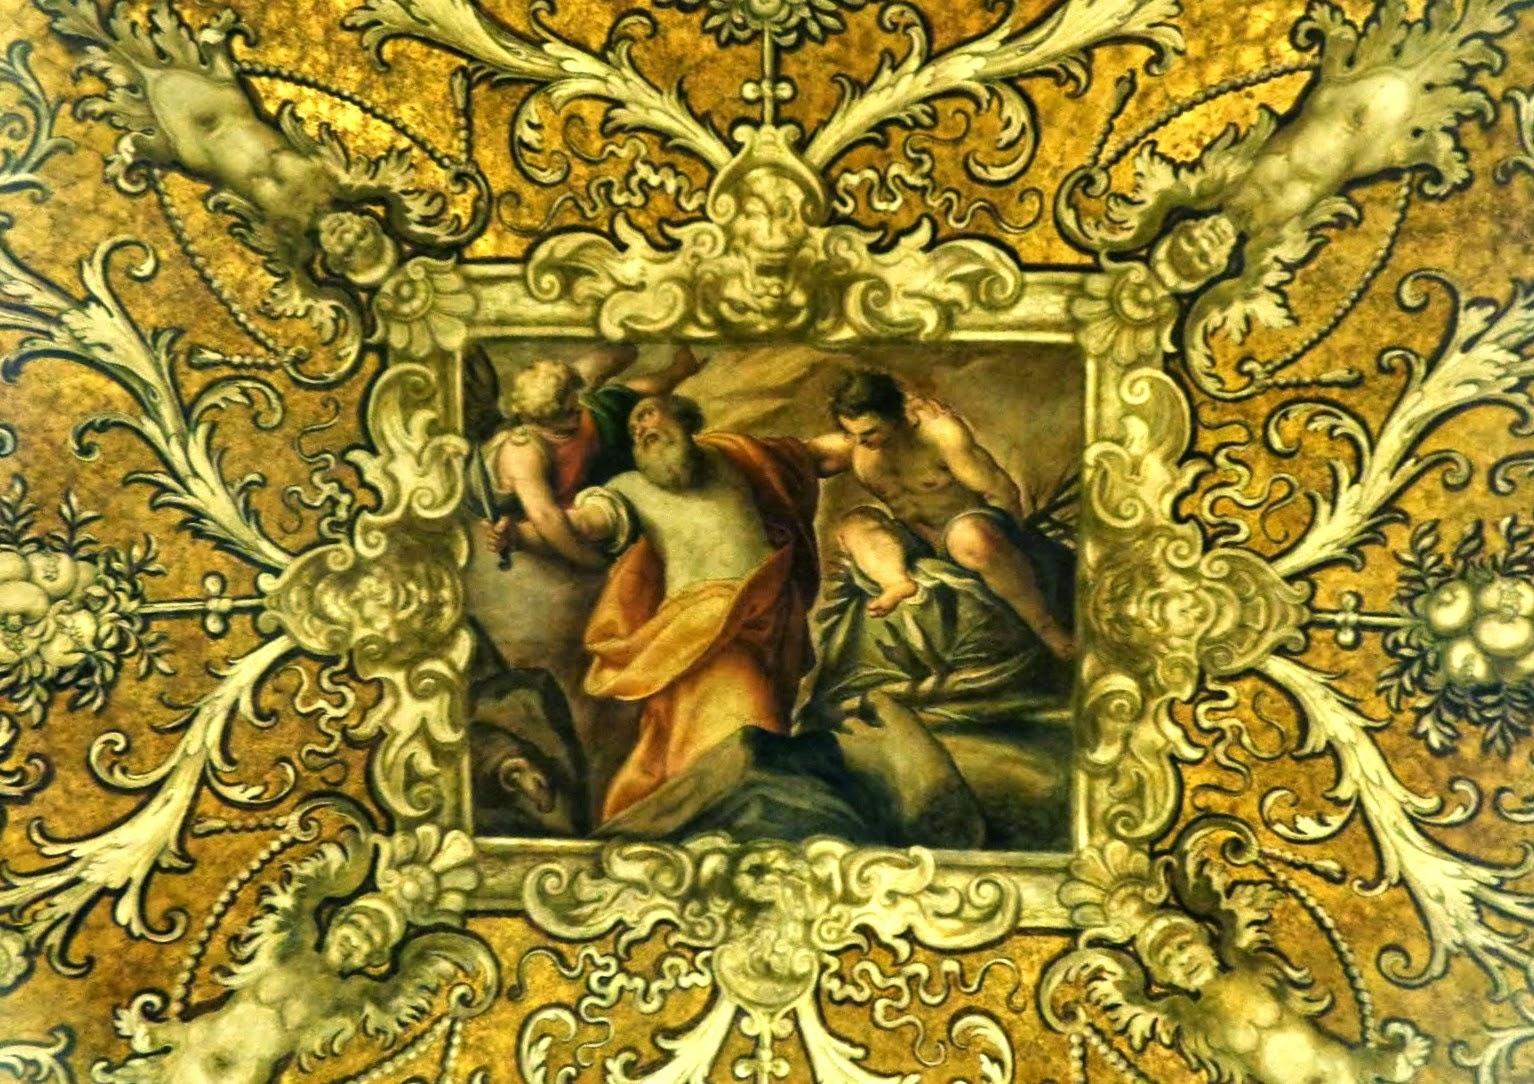 Nesse afresco, o sacrifício de Isaac por Abraão. Na parte externa do Palazzo, os temas eram pagãos, mas na parte interna, a Sra. Costanza Gonzaga di Novellara Mattei exigiu que os temas retratados fossem cristãos.